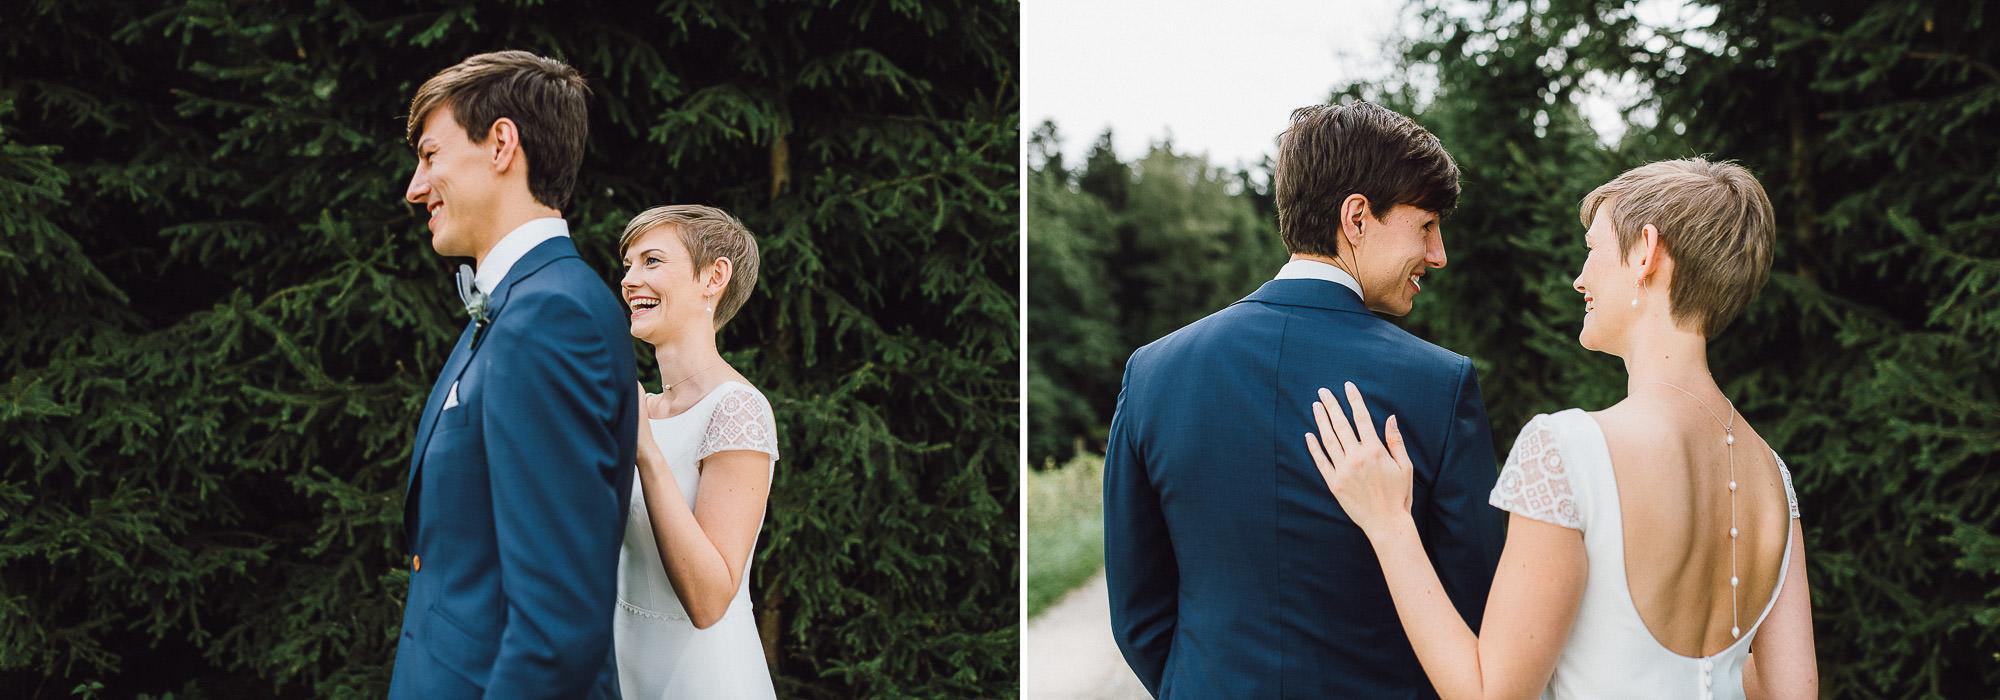 greenery-wedding-hochzeit-prielhof-sukkulenten-scheyern-lauraelenaphotography-020